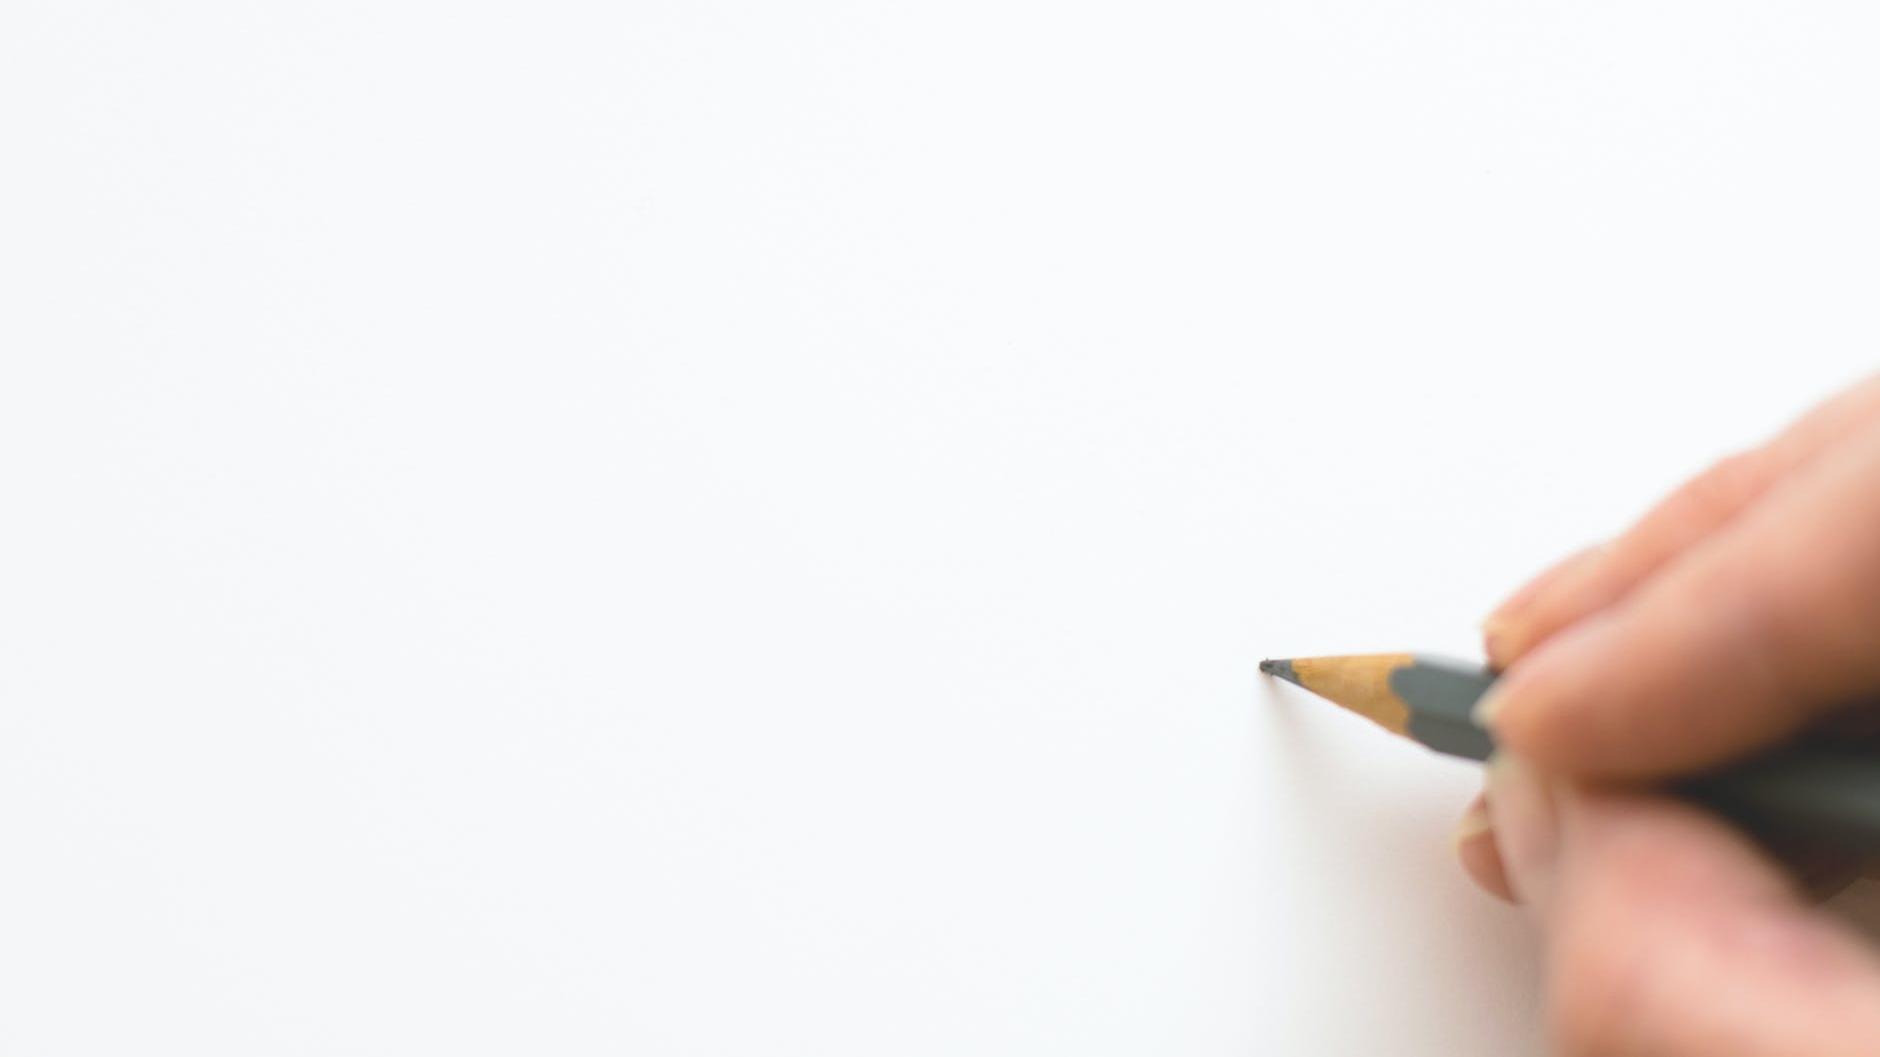 Vältä writer's block – vinkit vähän kirjoittaville